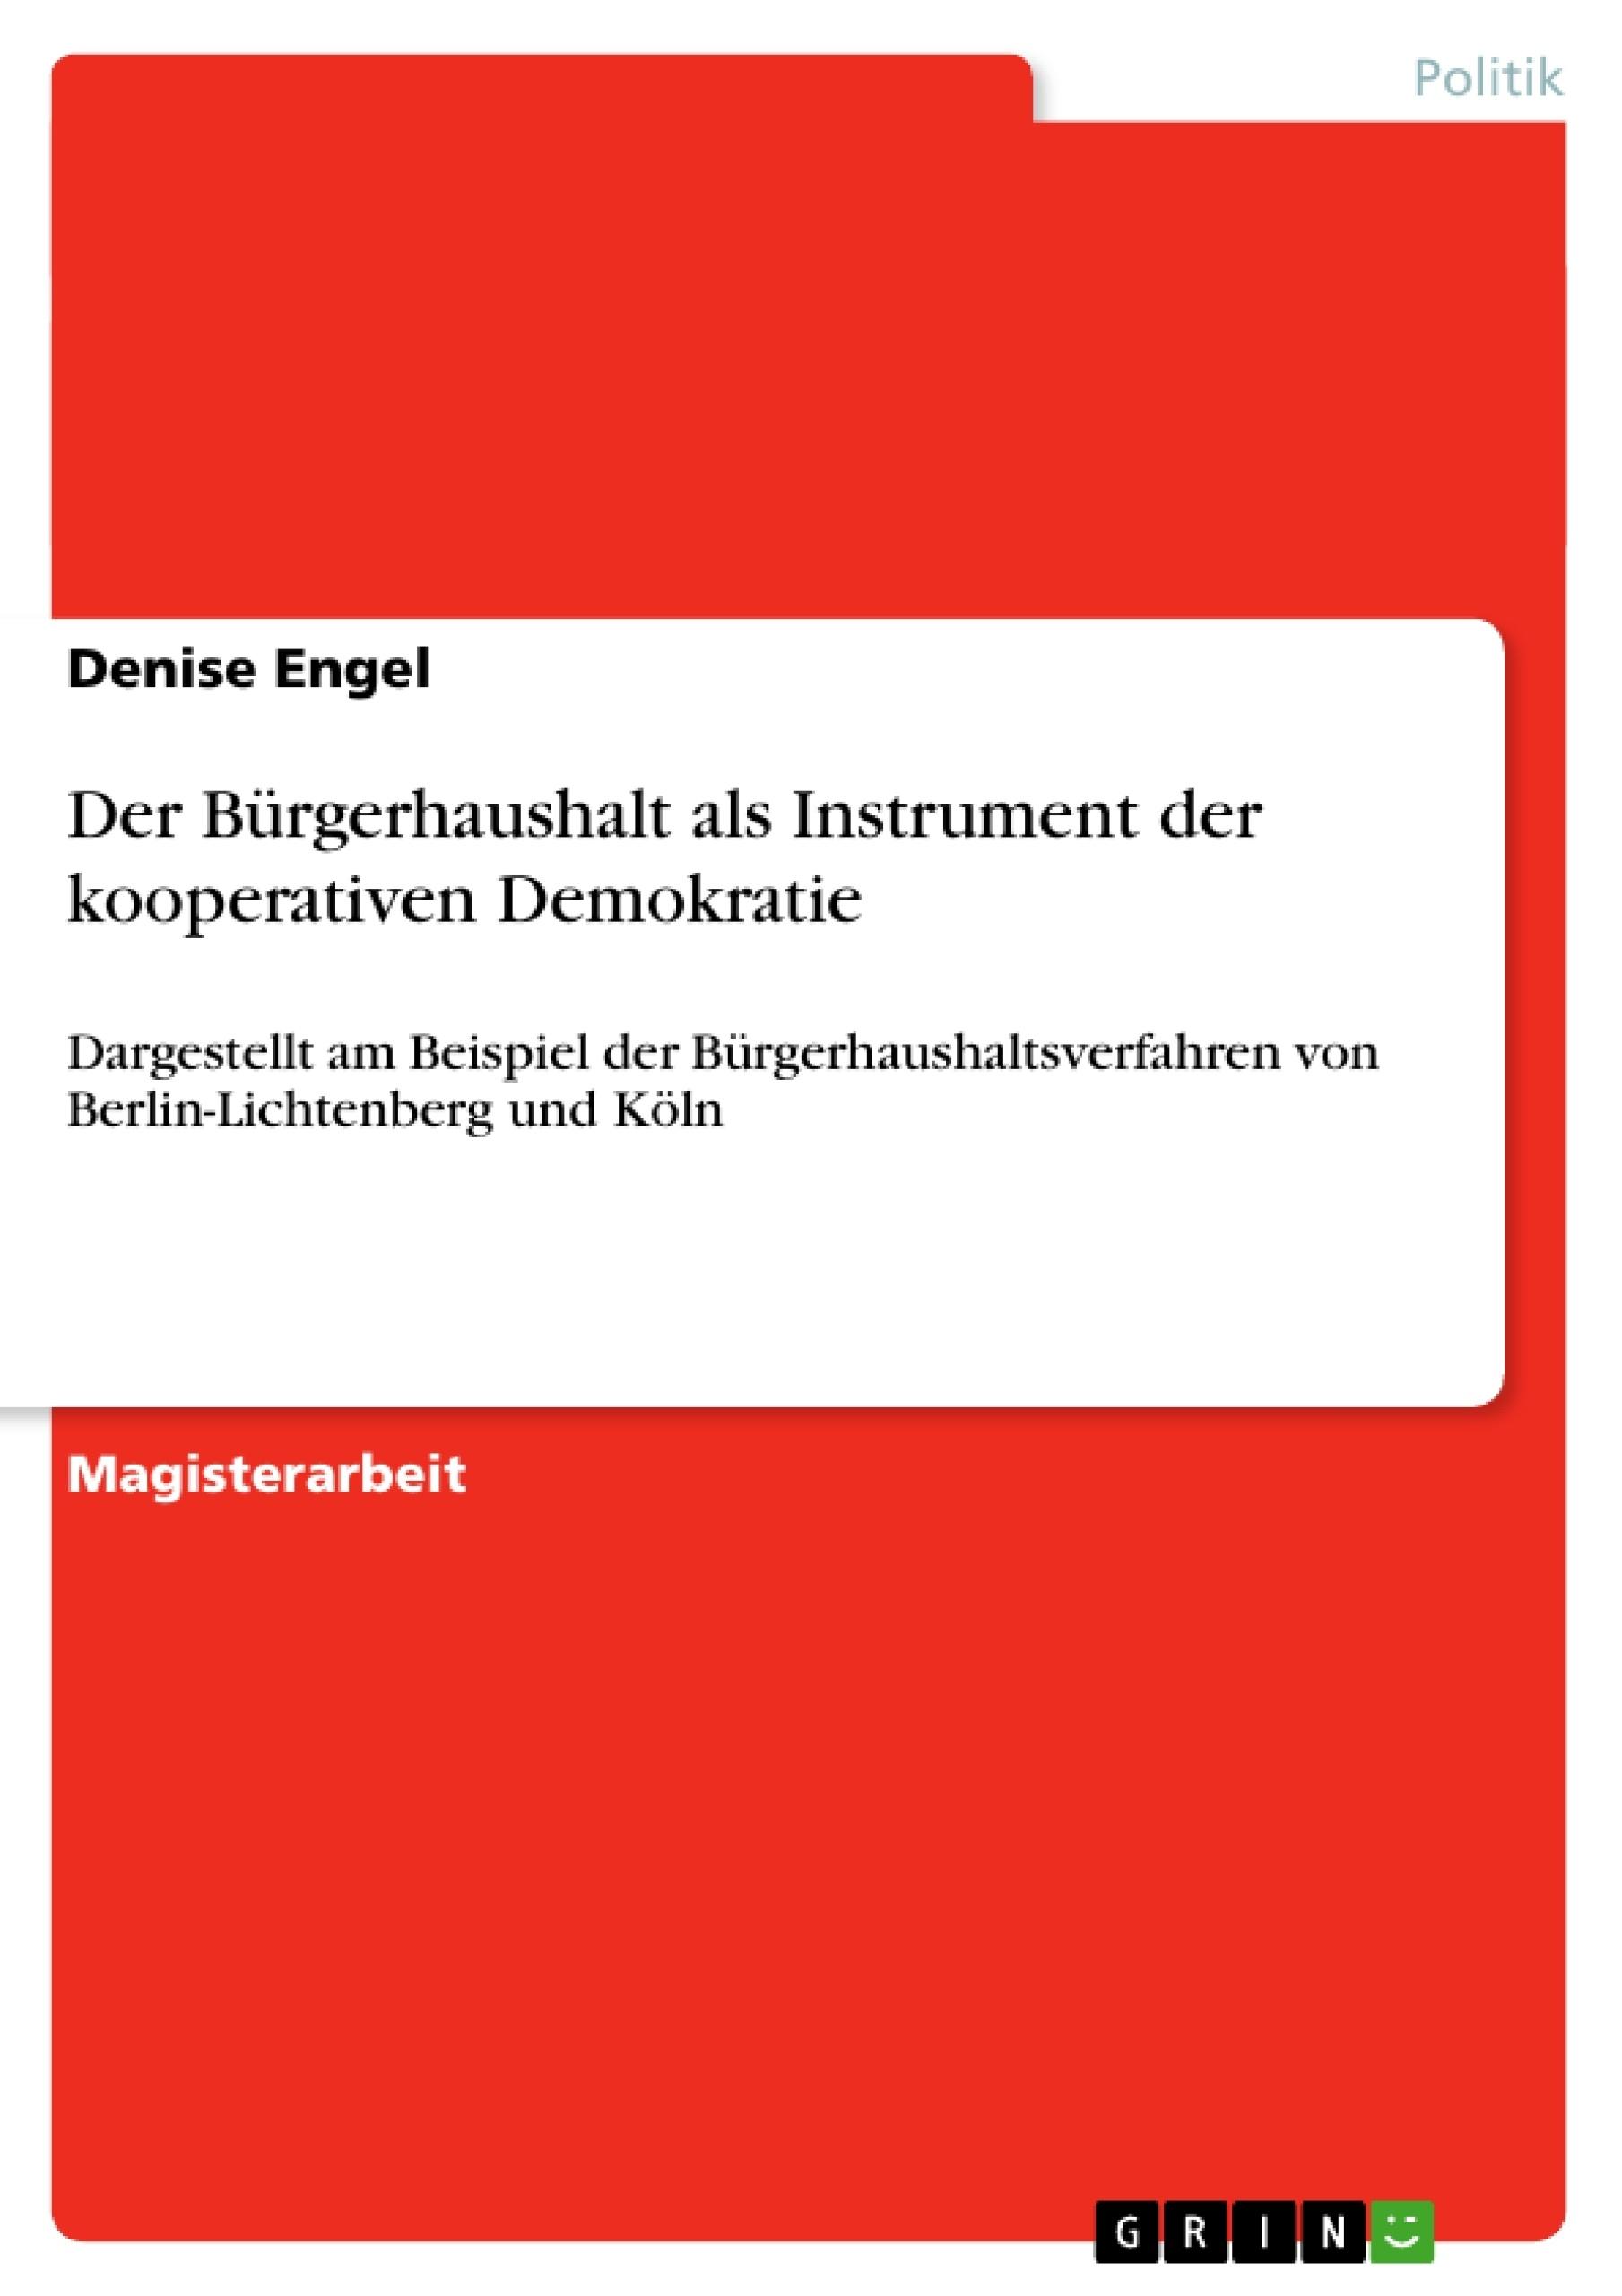 Titel: Der Bürgerhaushalt als Instrument der kooperativen Demokratie